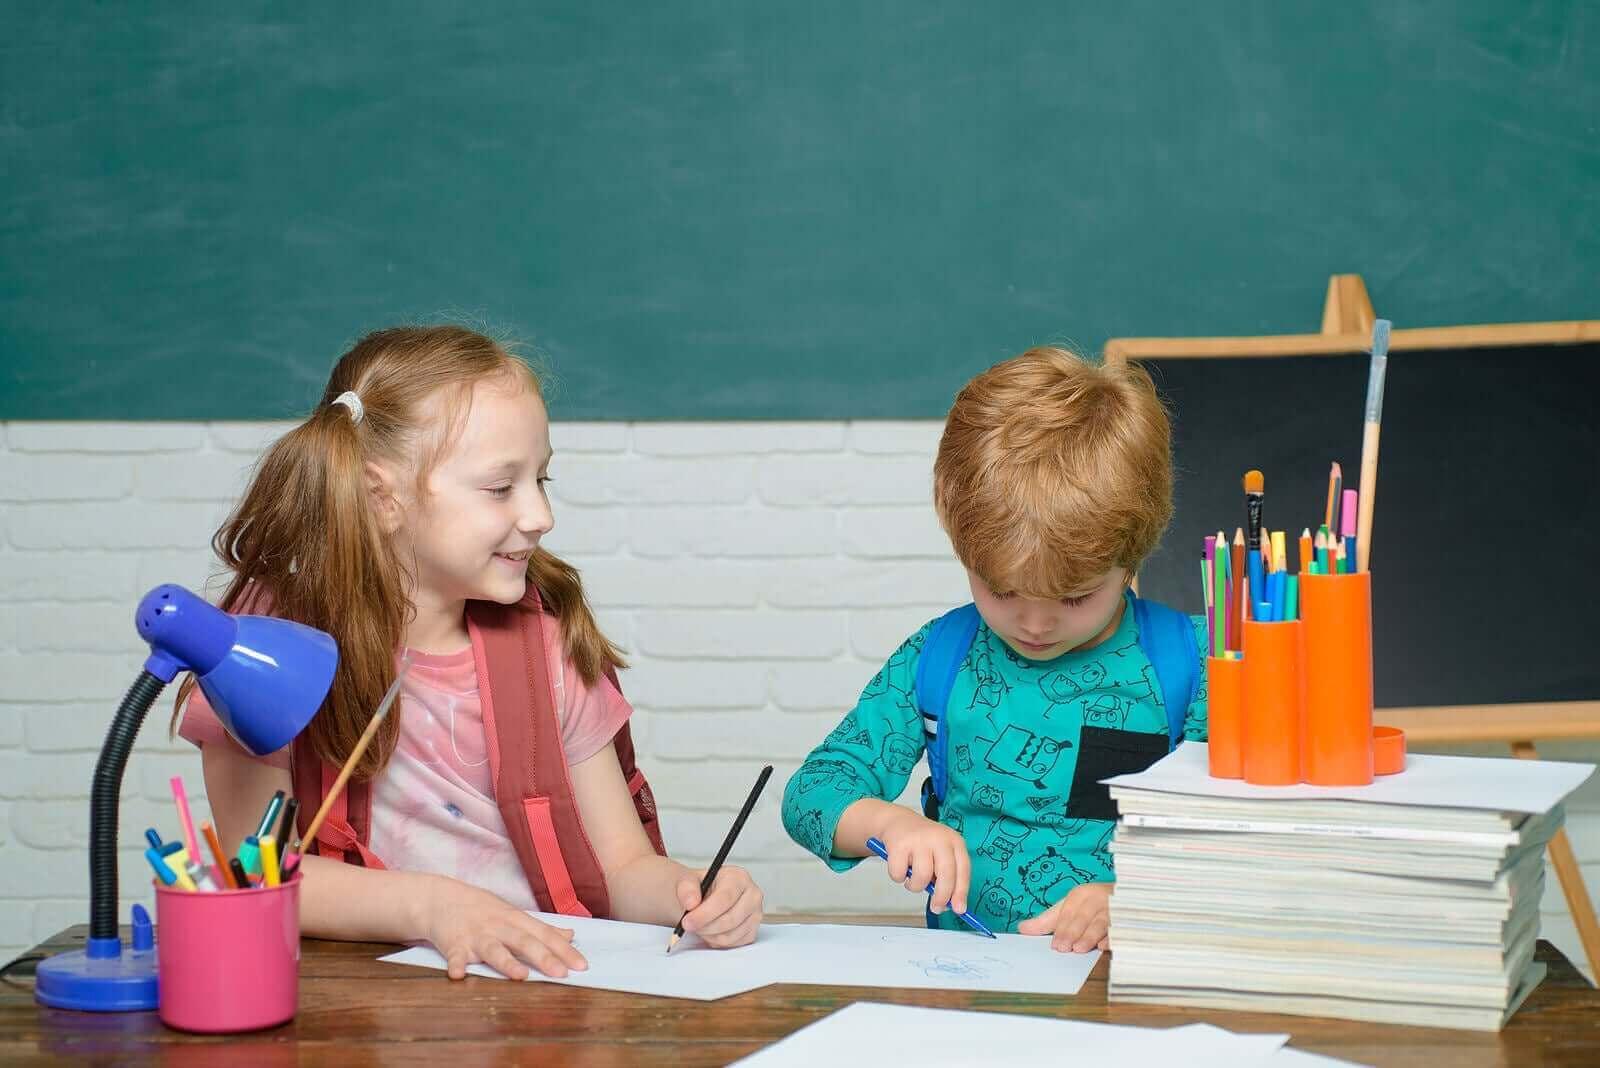 Dine barns karakterer vil ikke avgjøre suksessen deres